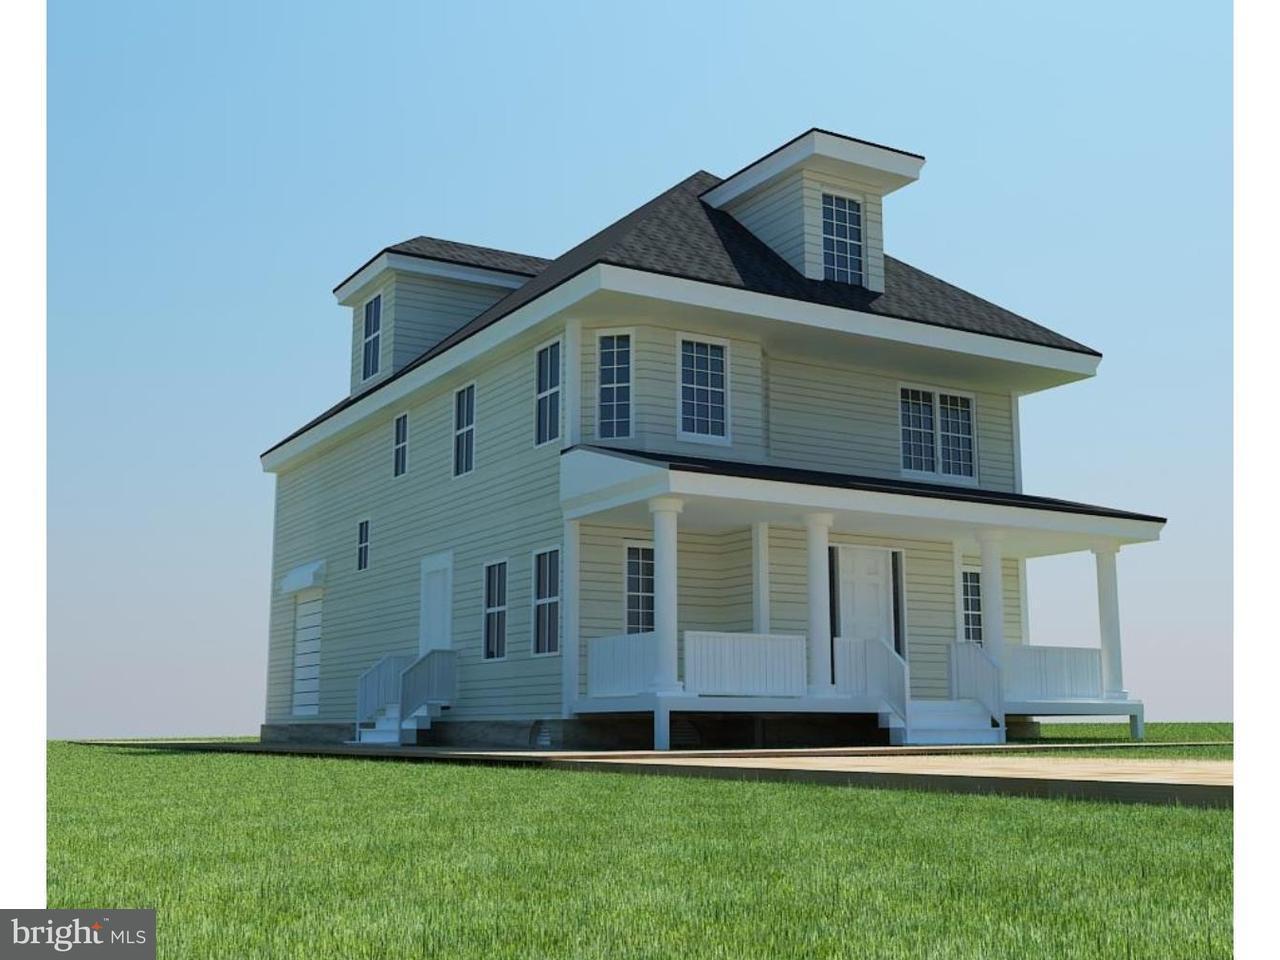 Частный односемейный дом для того Продажа на 565 N MAIN S Hightstown, Нью-Джерси 08520 Соединенные ШтатыВ/Около: Hightstown Borough